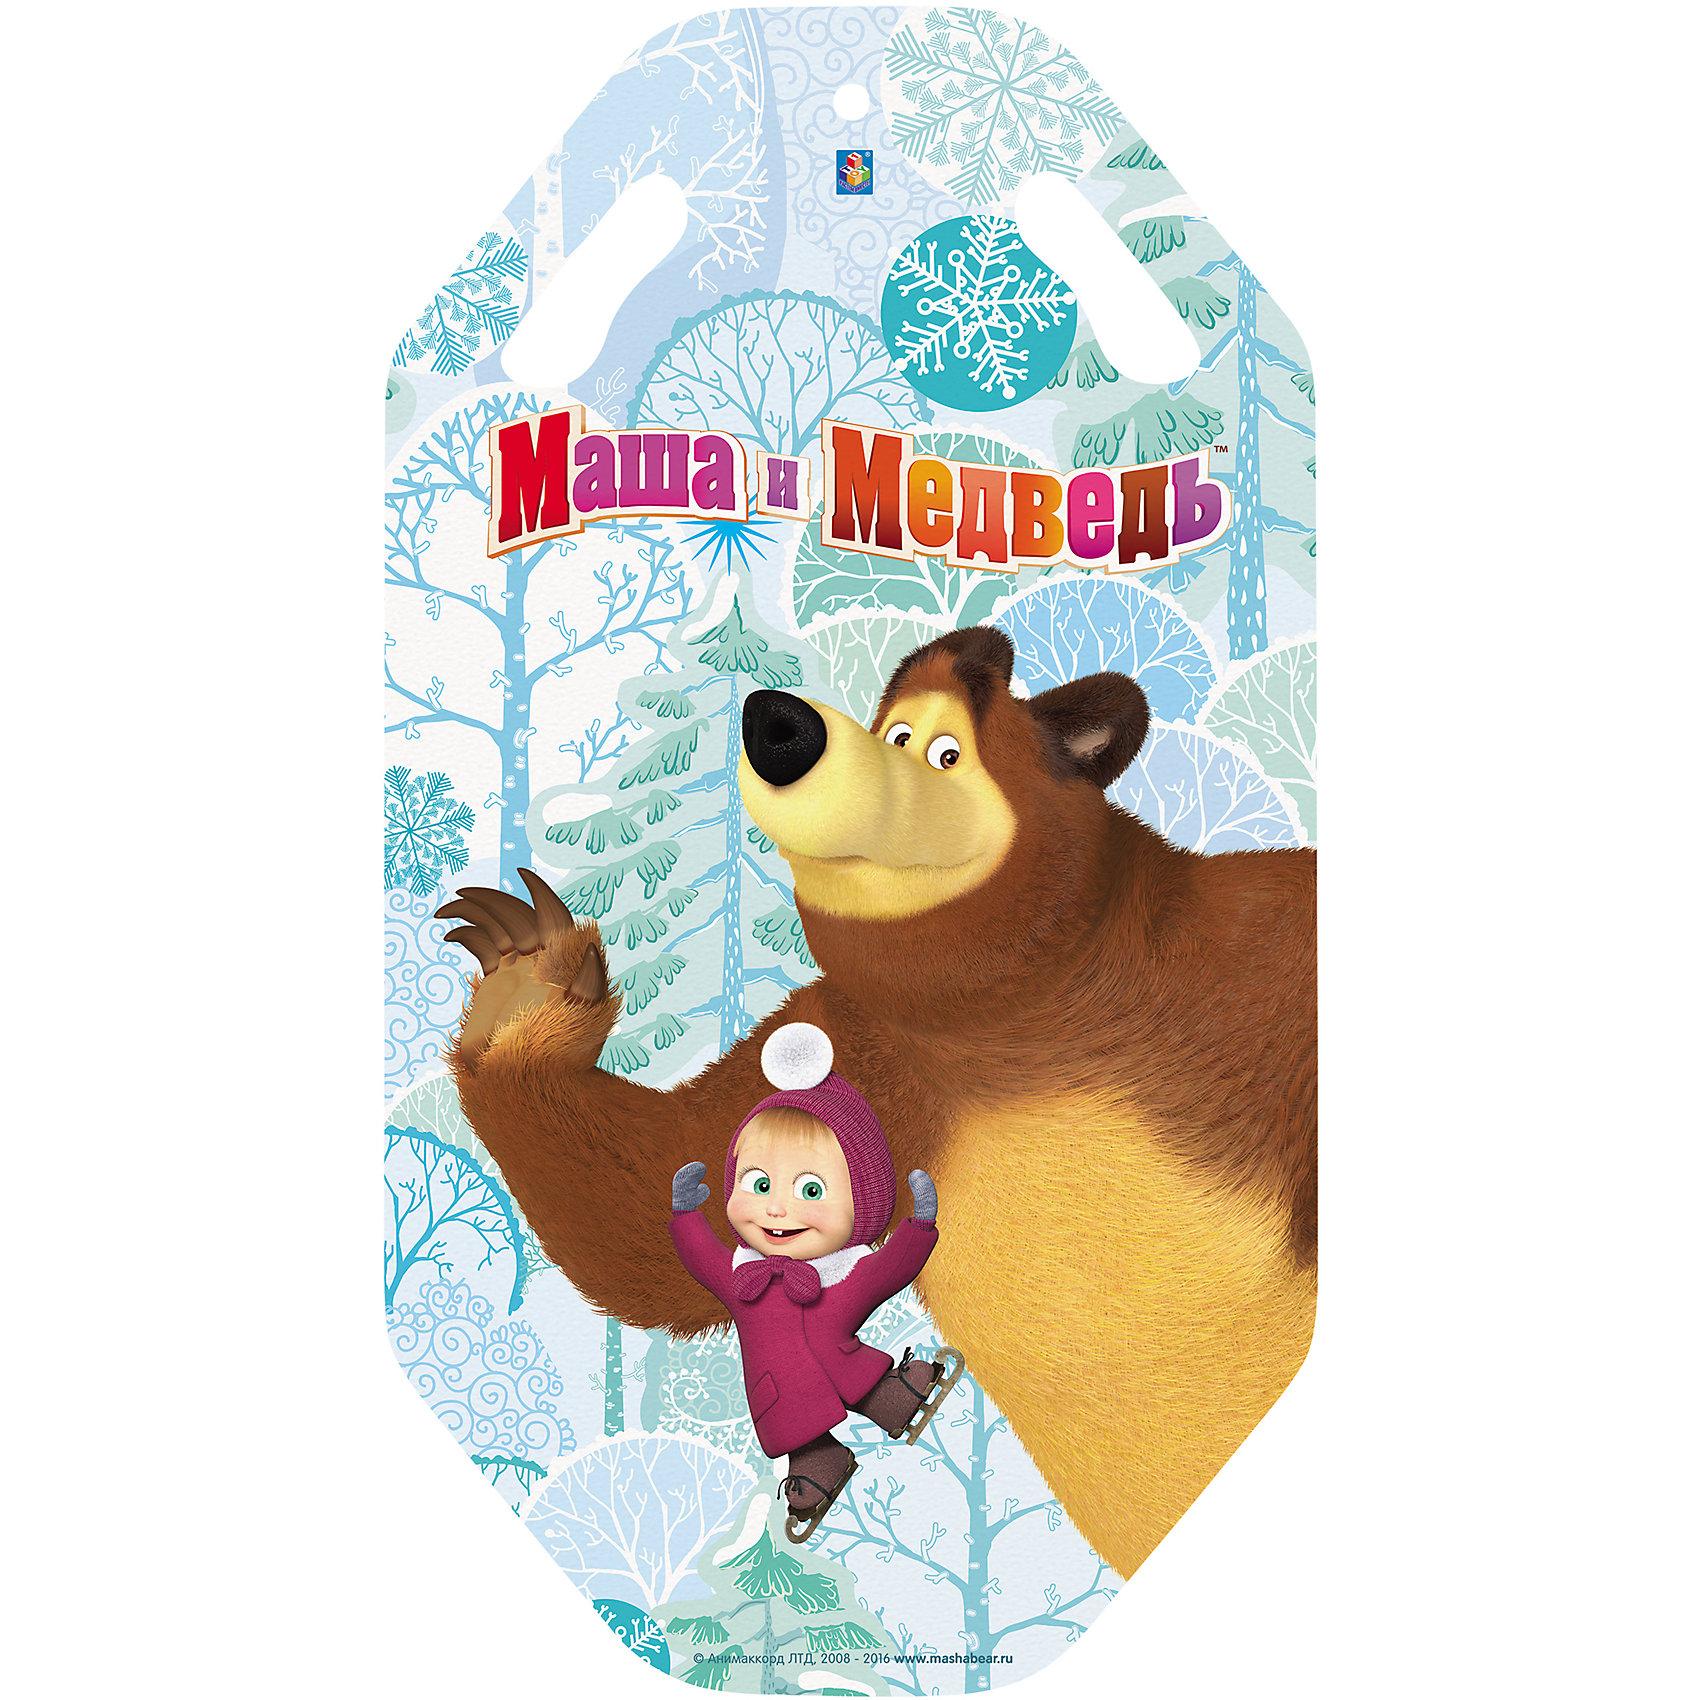 Ледянка, 92см, Маша и Медведь, 1toyЛедянка, 92см, Маша и Медведь, 1toy.<br><br>Характеристики:<br><br>• отлично скользит по снегу<br>• изготовлена из прочных материалов<br>• удобное сидение<br>• яркий дизайн<br>• размер: 92 см<br>• материал: пластик<br><br>Ледянка Маша и Медведь, 1toy, несомненно, пригодится любителям активного зимнего отдыха. Она хорошо скользит по снегу и имеет удобное сиденье. Привлекательный дизайн с любимыми героями мультсериала Маша и Медведь еще больше поднимет настроение во время спуска!<br><br>Ледянку, 92см, Маша и Медведь, 1toy вы можете купить в нашем интернет-магазине.<br><br>Ширина мм: 910<br>Глубина мм: 5<br>Высота мм: 500<br>Вес г: 373<br>Возраст от месяцев: 36<br>Возраст до месяцев: 192<br>Пол: Женский<br>Возраст: Детский<br>SKU: 5032798